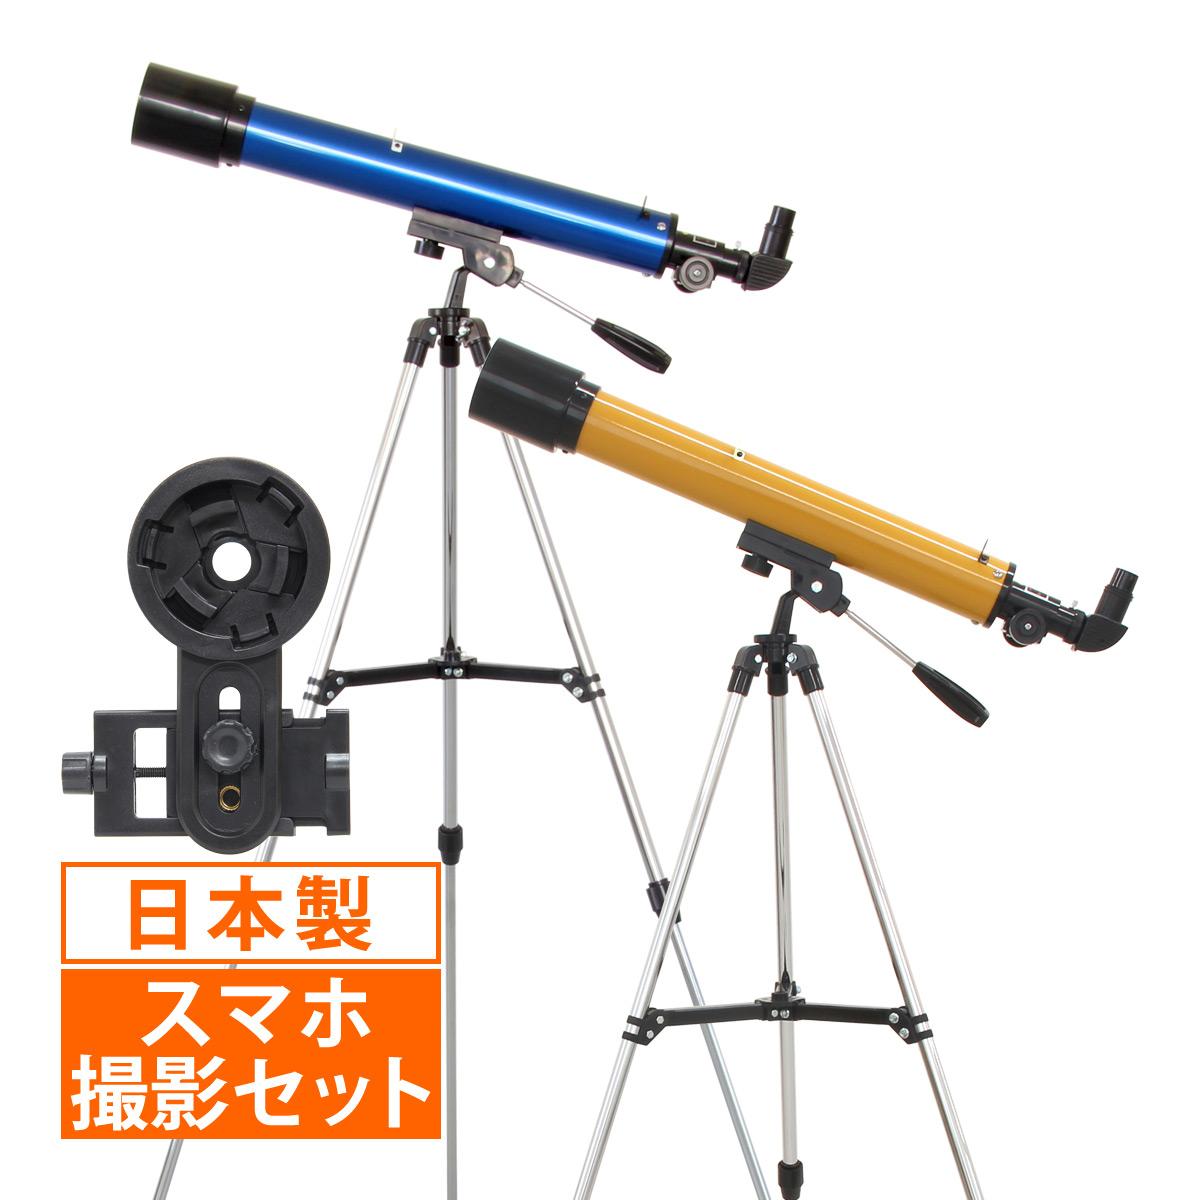 天体望遠鏡 スマホ 初心者 子供 小学生 レグルス60 日本製 口径60mm カメラアダプター 屈折式 おすすめ 入門 入学祝い